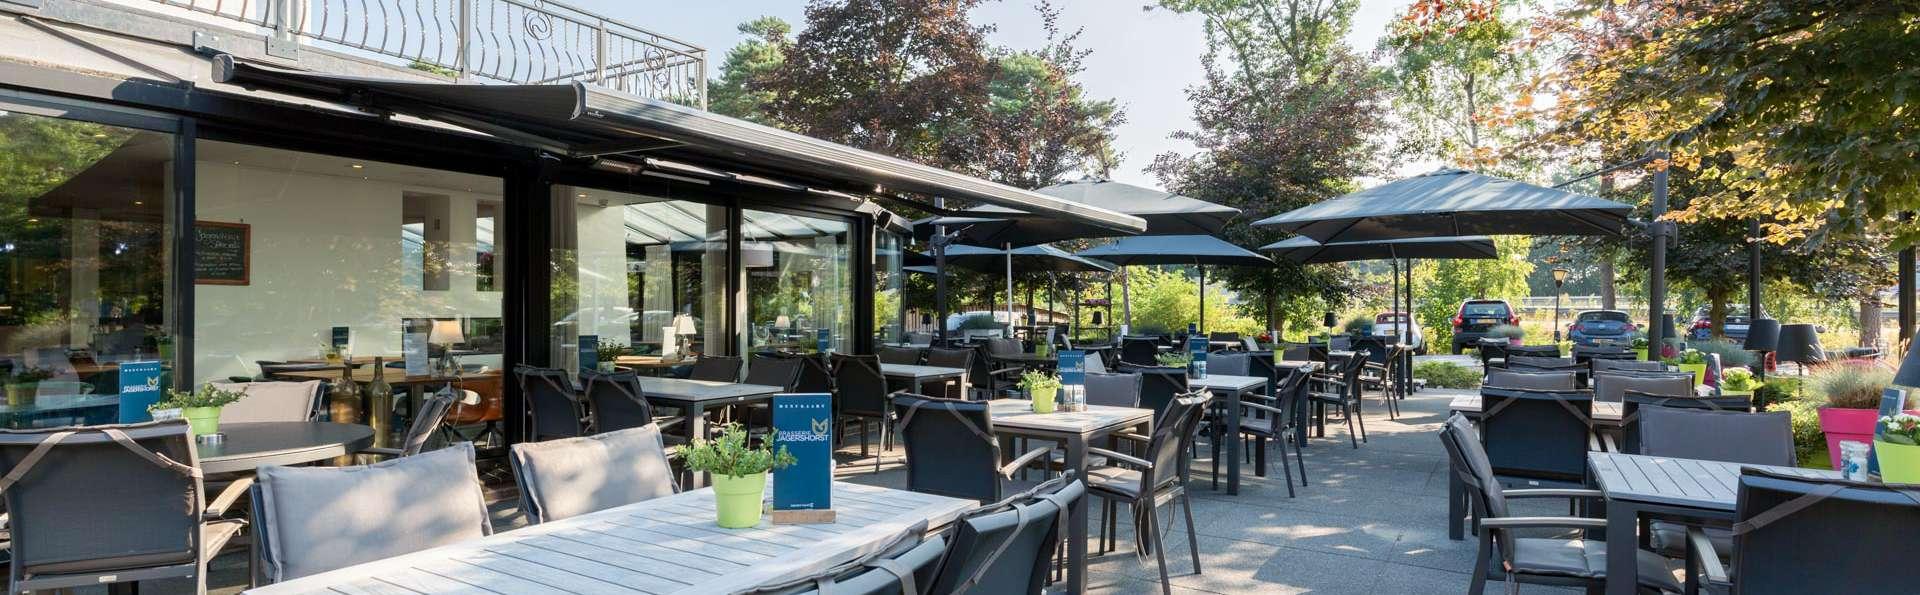 Fletcher Hotel-Restaurant Jagershorst-Eindhoven - EDIT_N2_TERRACE_01.jpg